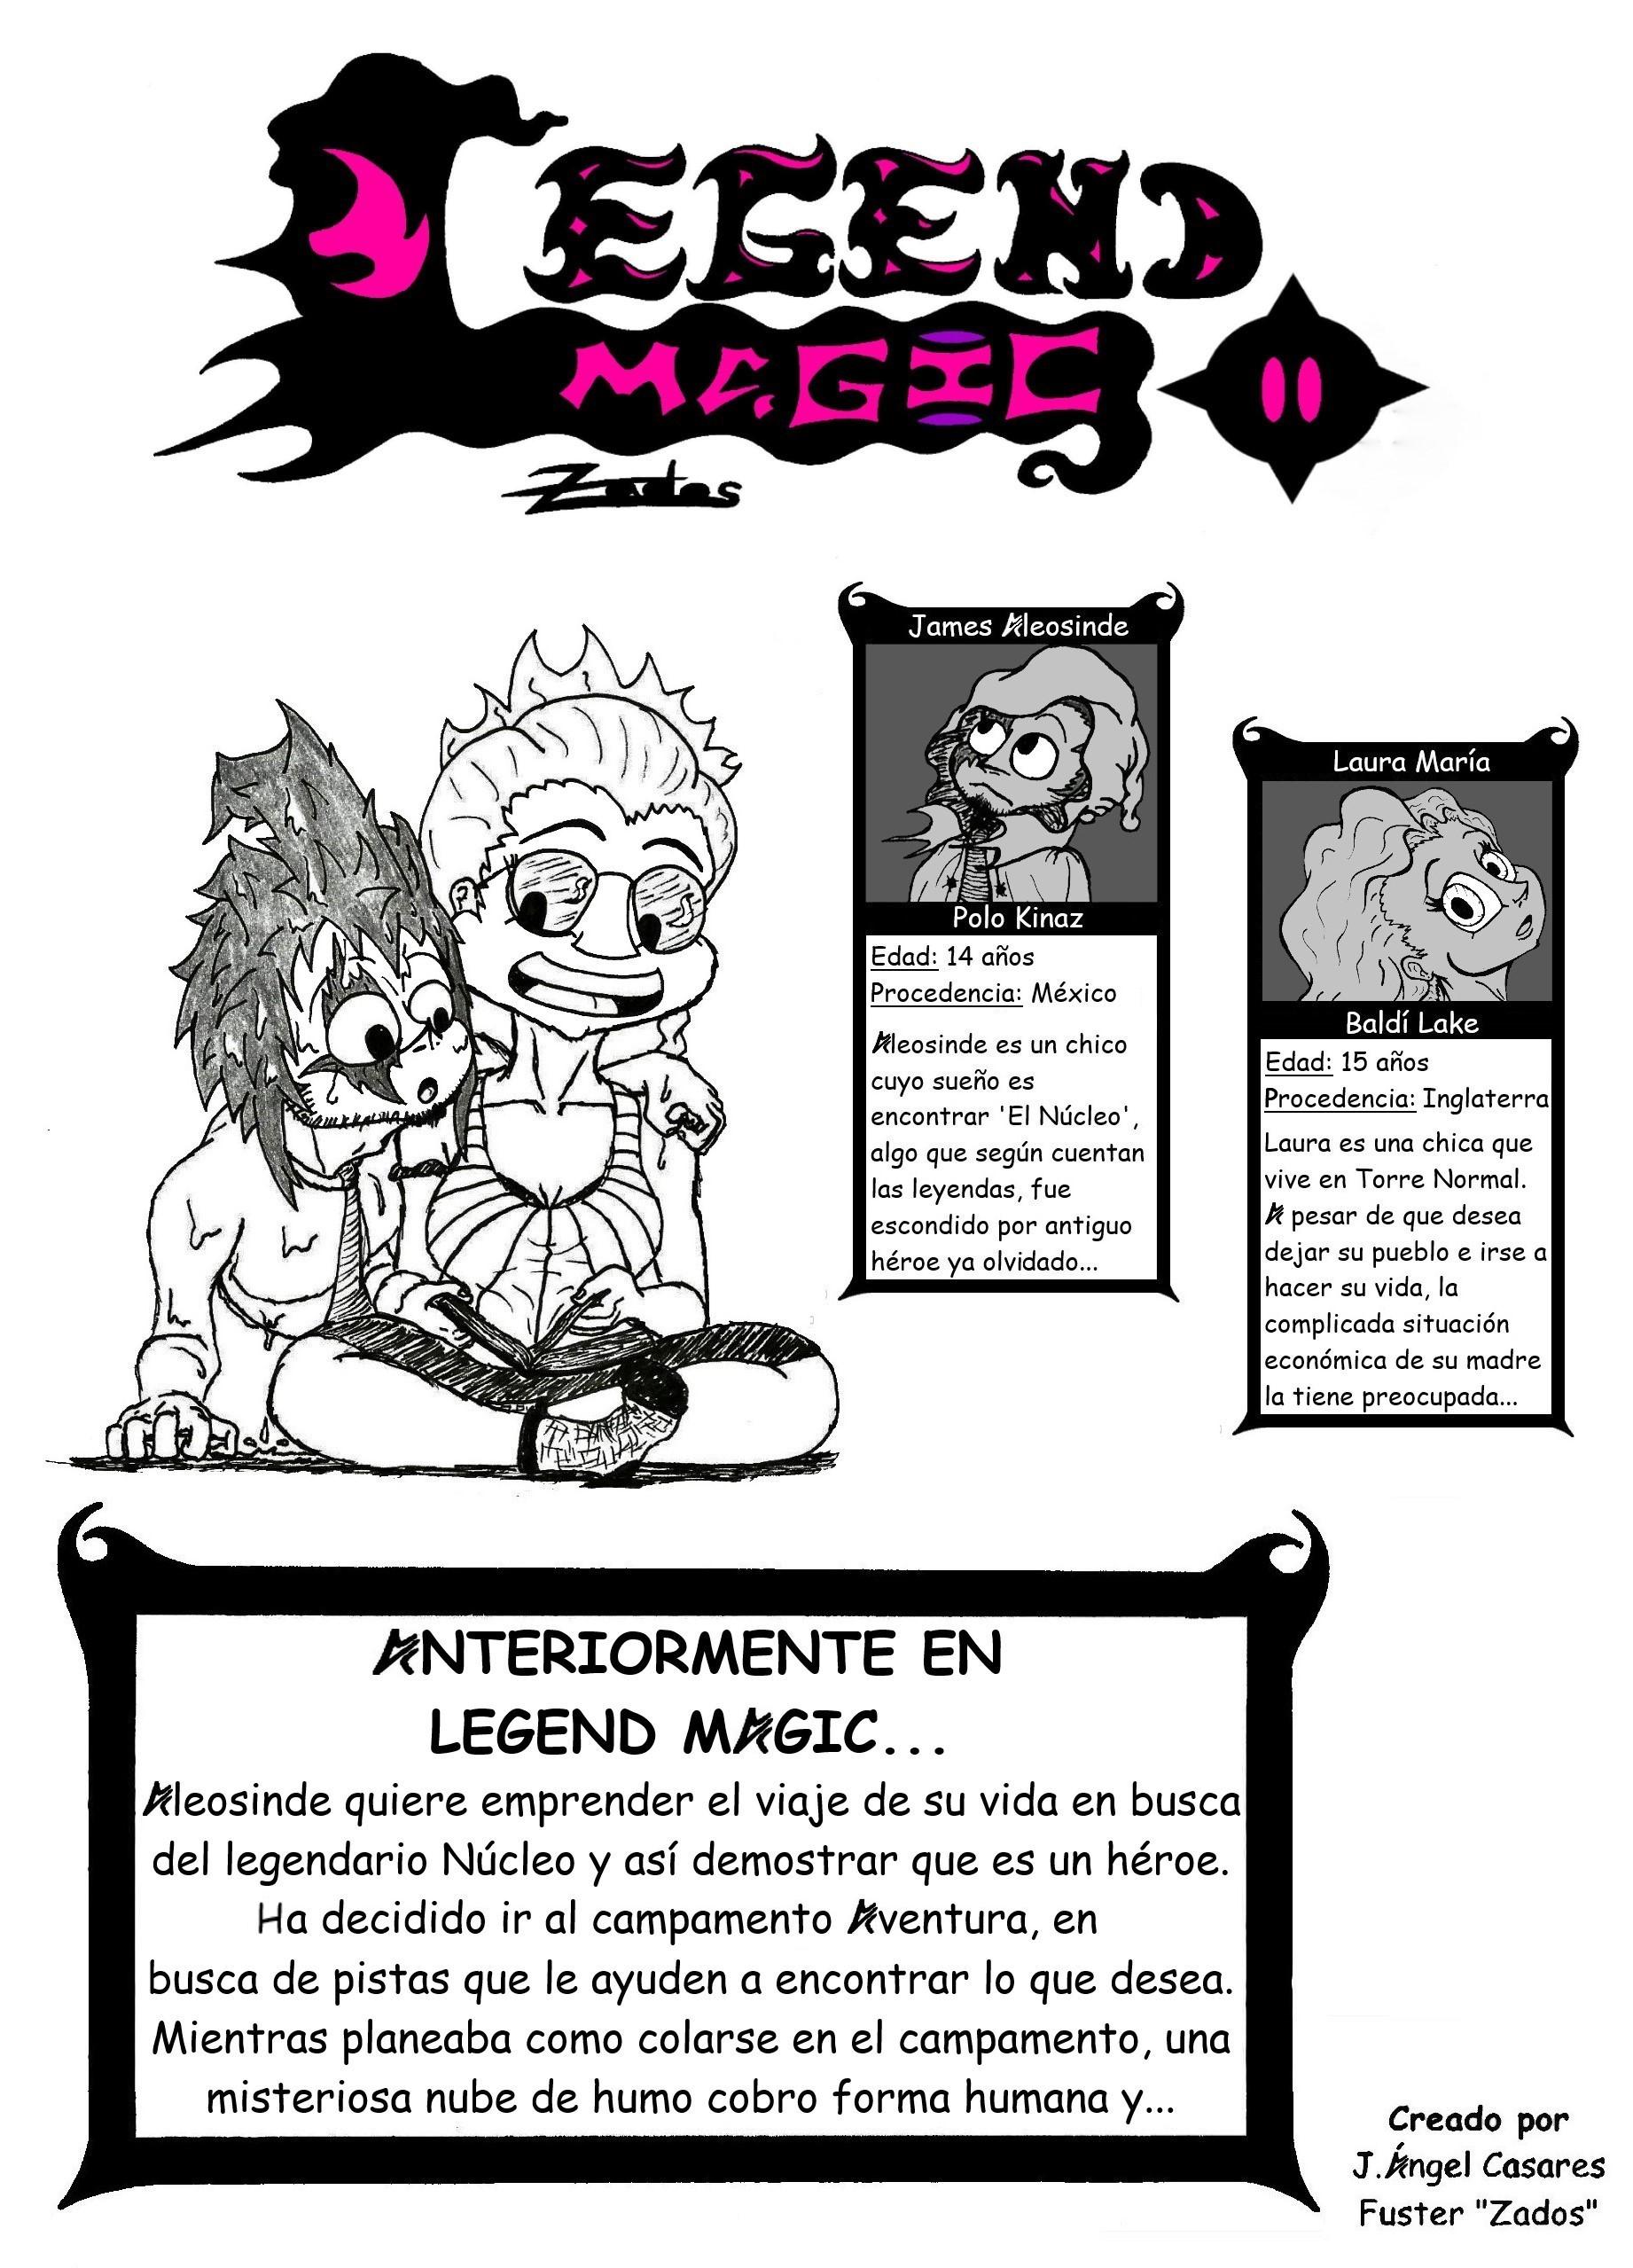 Avatar_02_J_Angel_Casado_Fuster_pagina00002